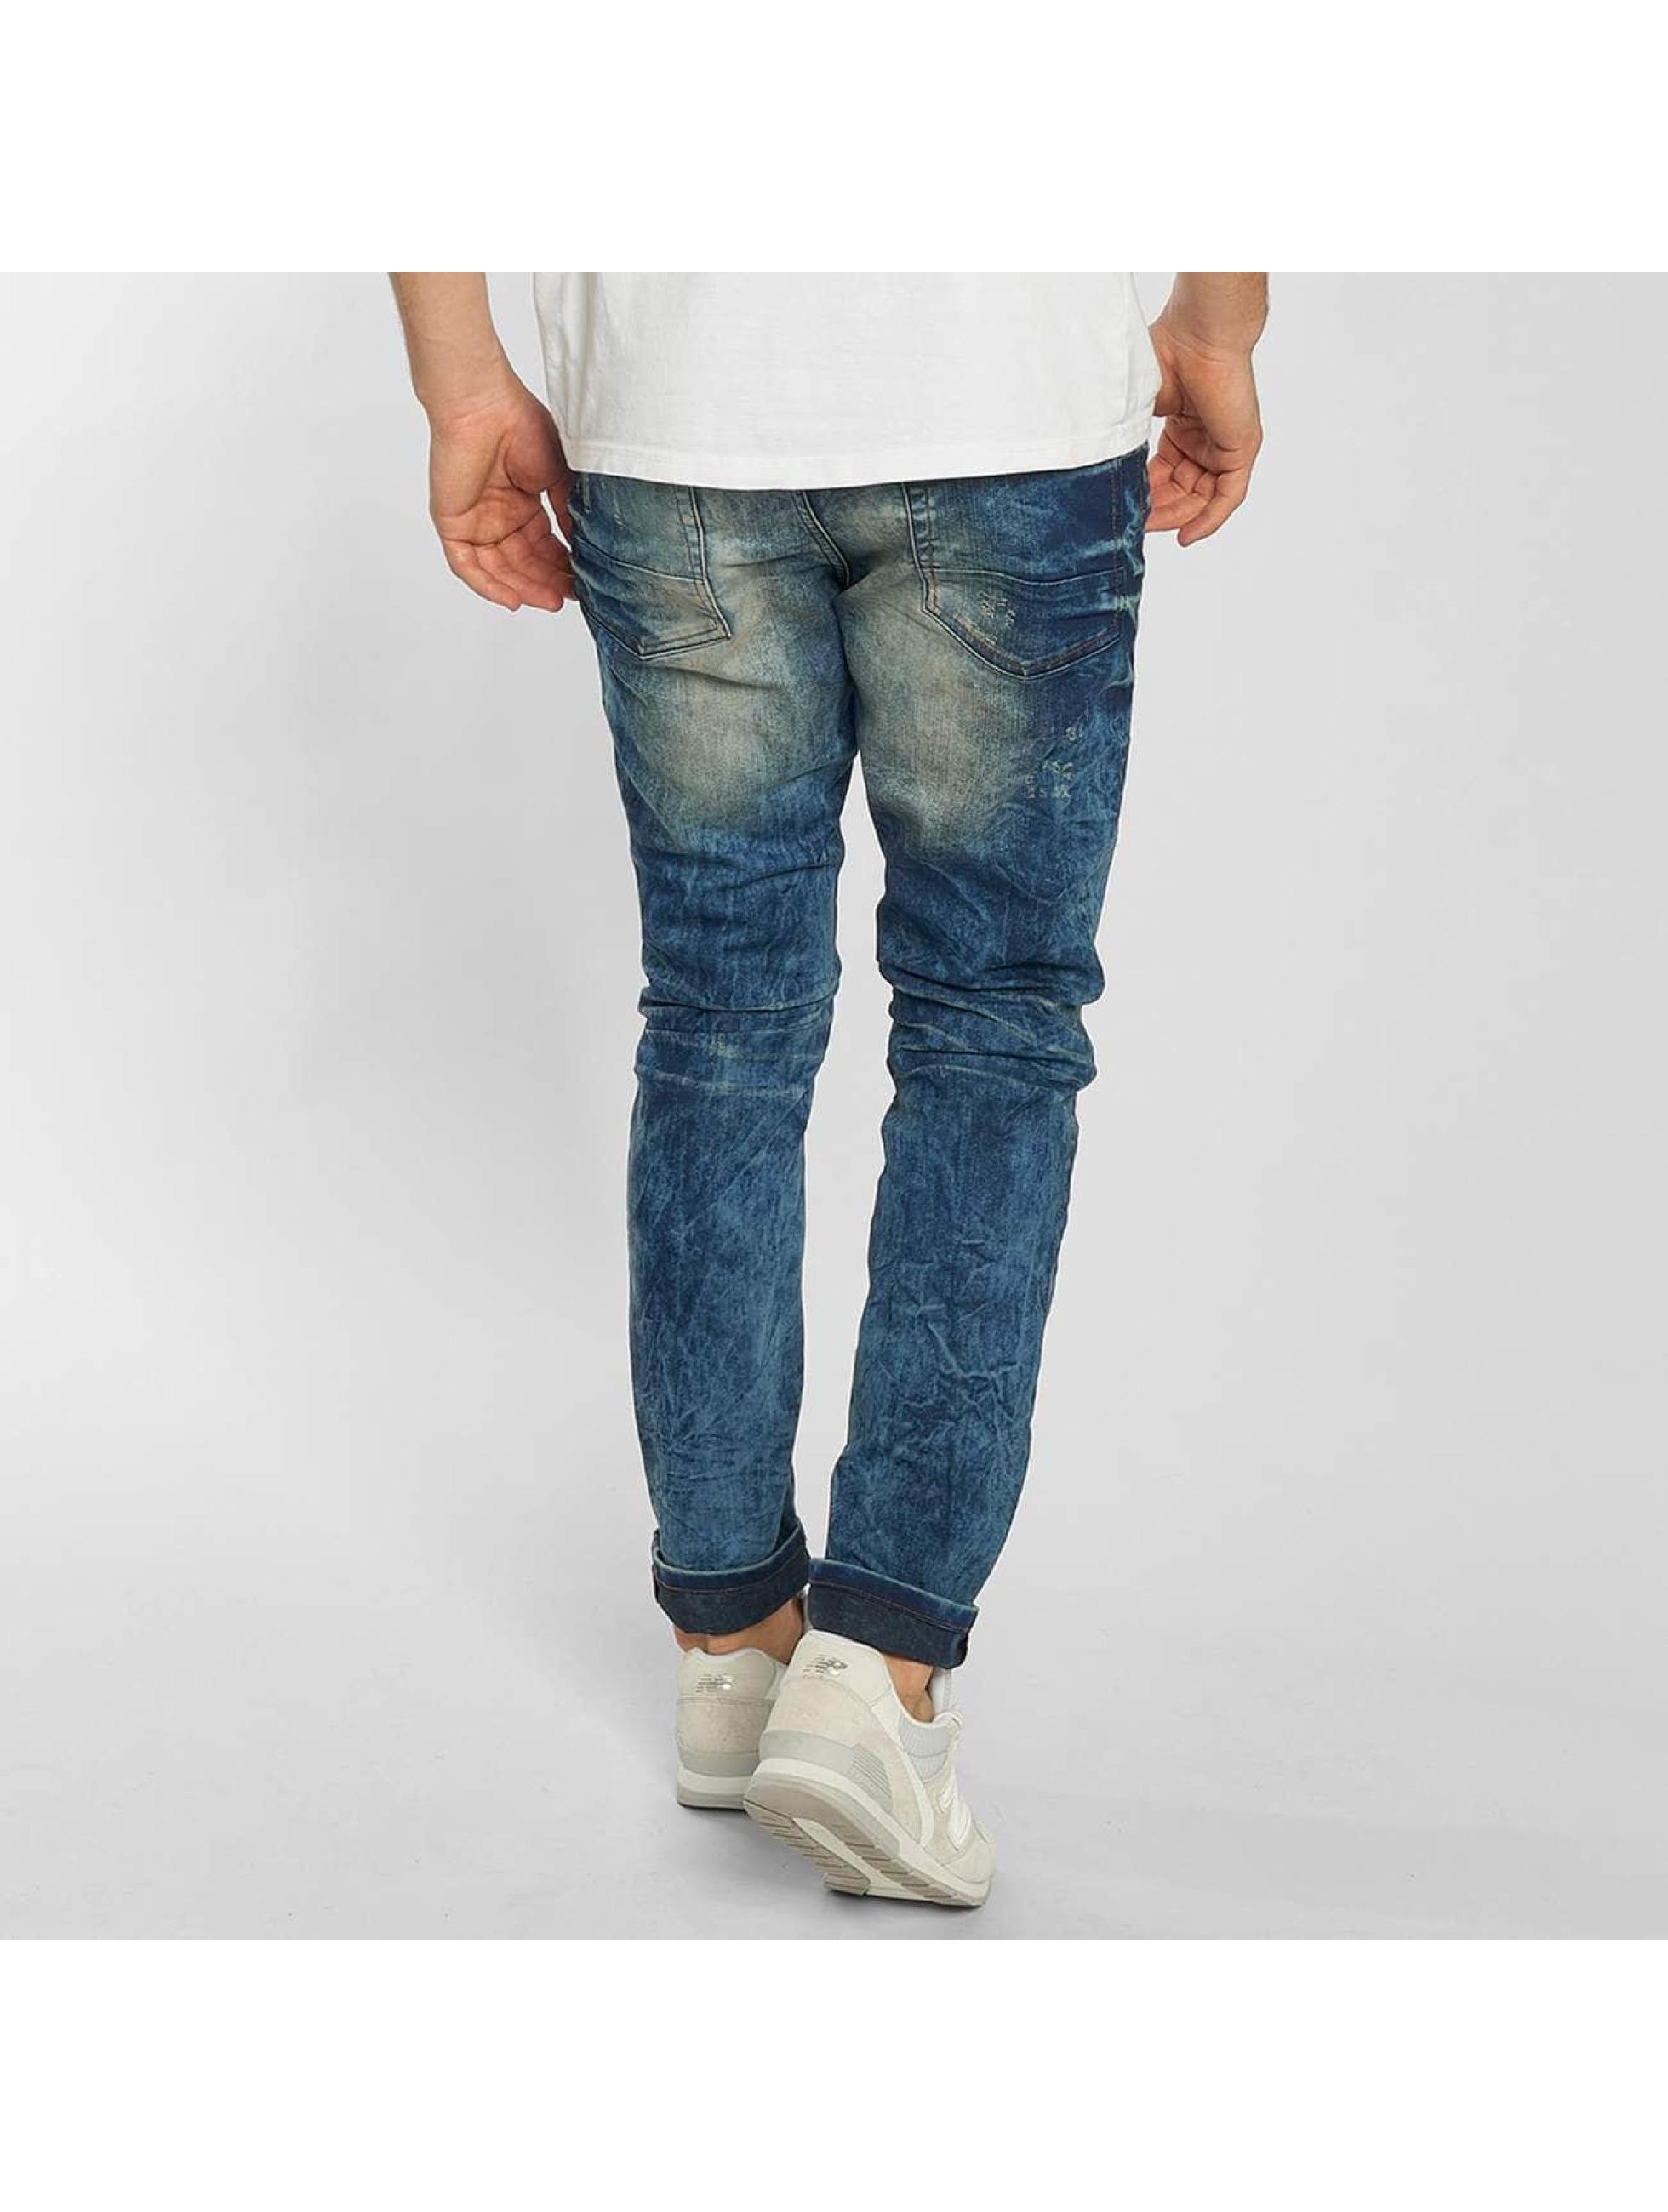 SHINE Original Облегающие джинсы Drop Crotch синий